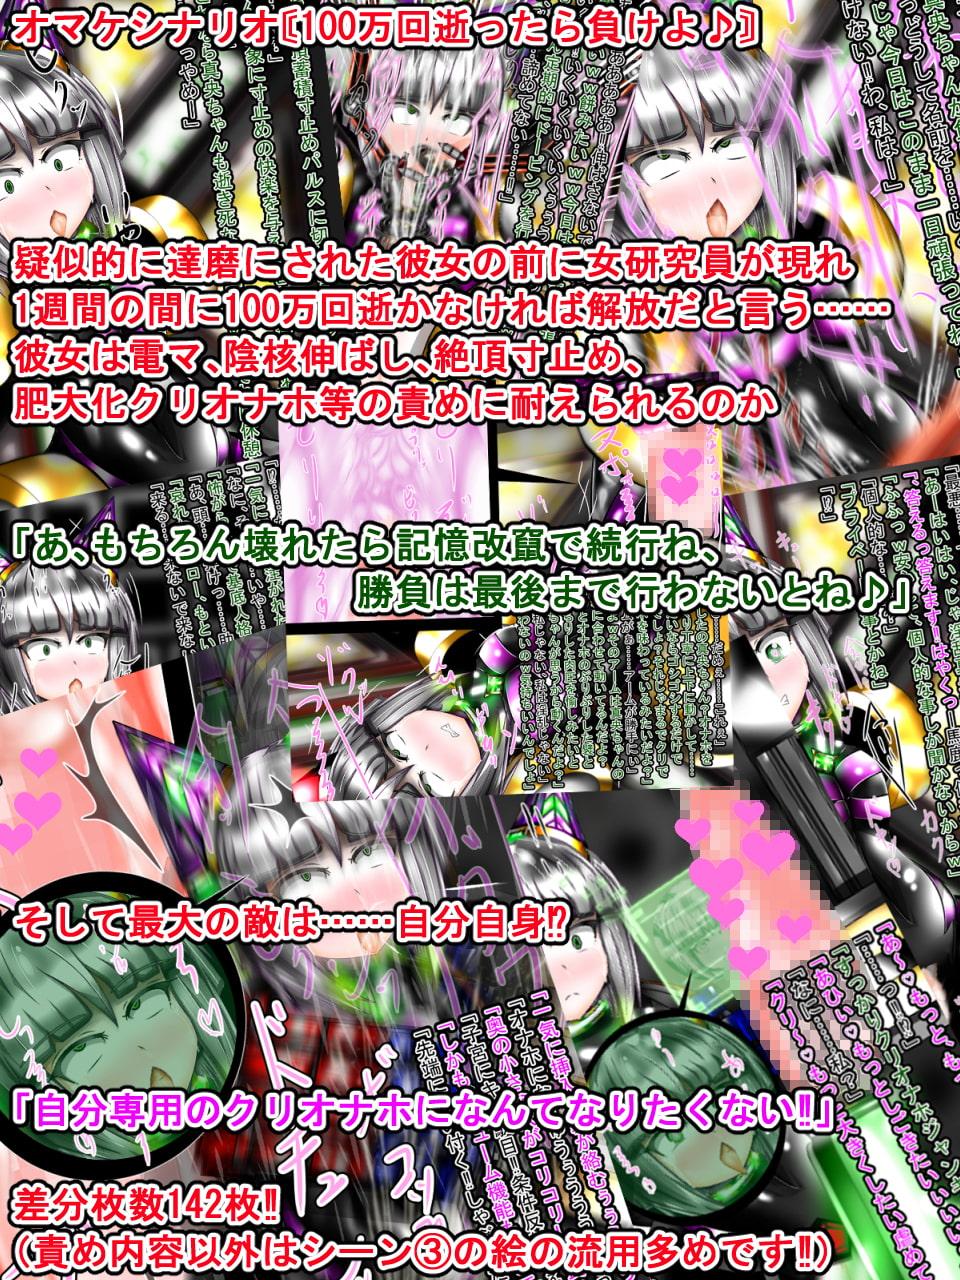 ヒーロー黒猫vs感覚共有OB‼陰核遠隔調教で逝きまクリっ‼~正義の味方のリーダーからクリち〇ぽオナホに堕ちる瞬間~